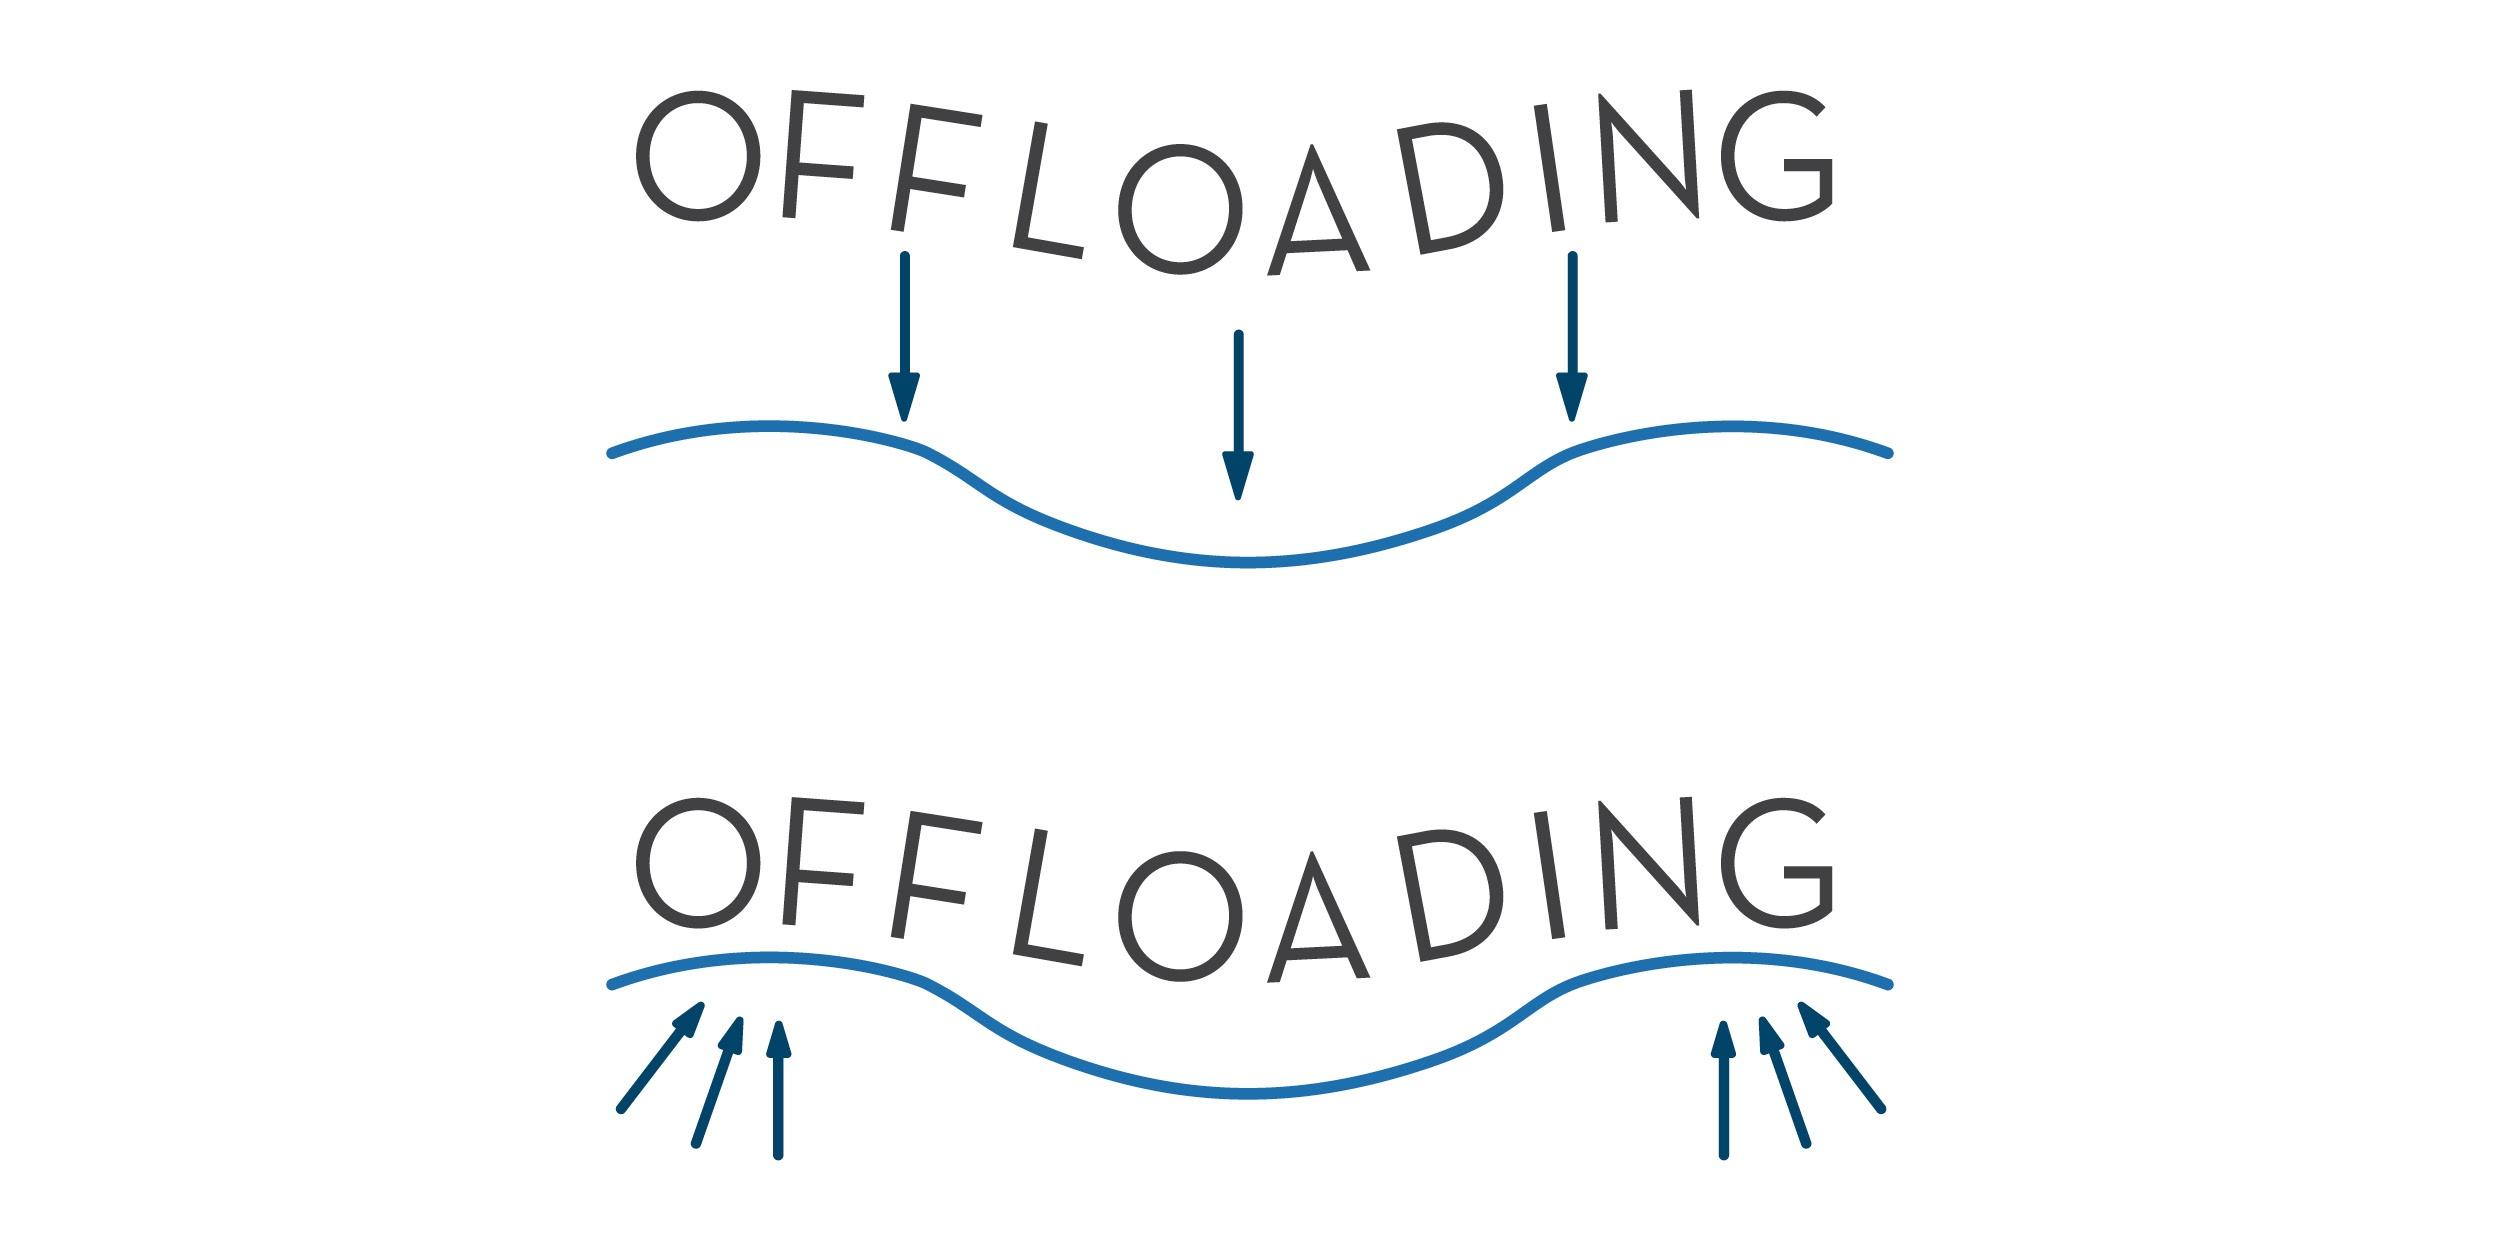 Offloading-1